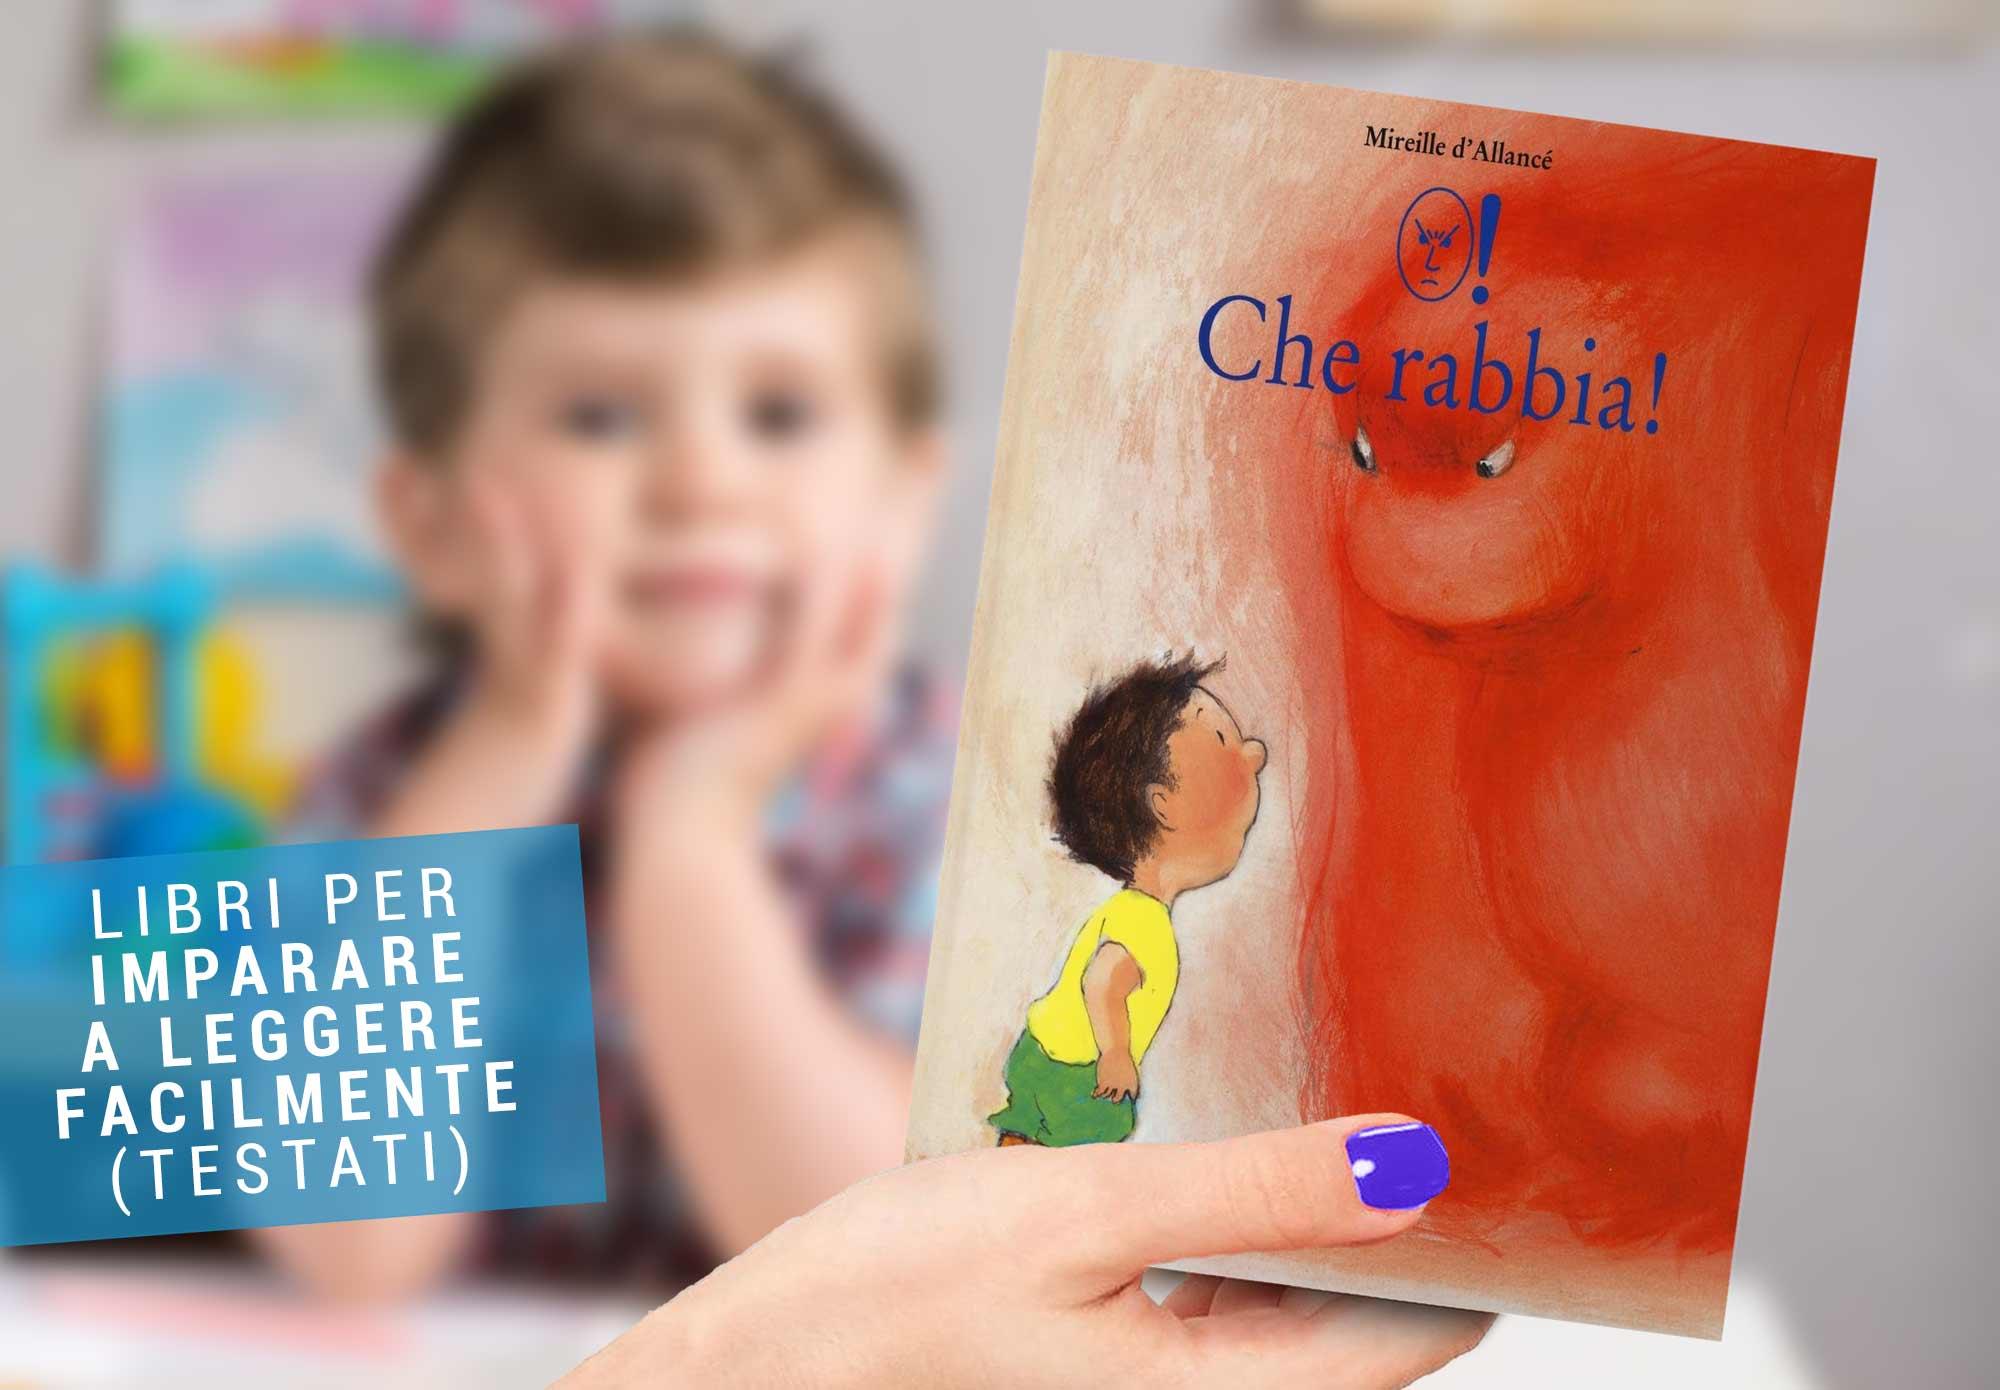 cher-abbia-libro-imparare-a-leggere